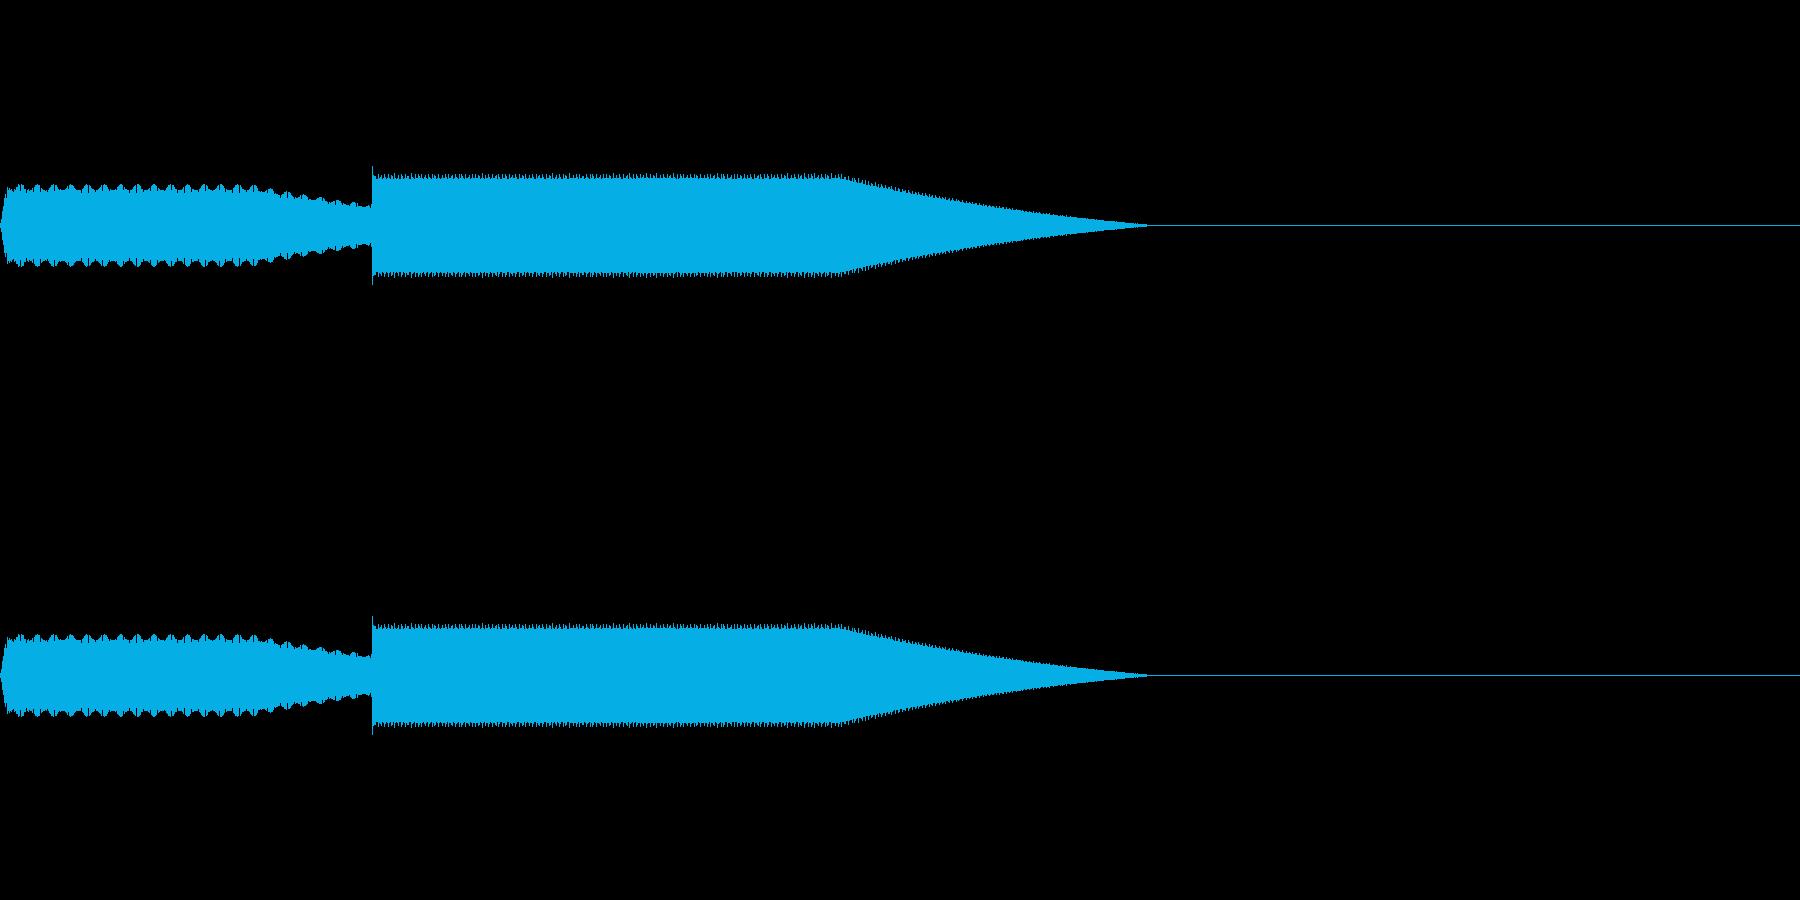 【SE 効果音】効果音その9の再生済みの波形